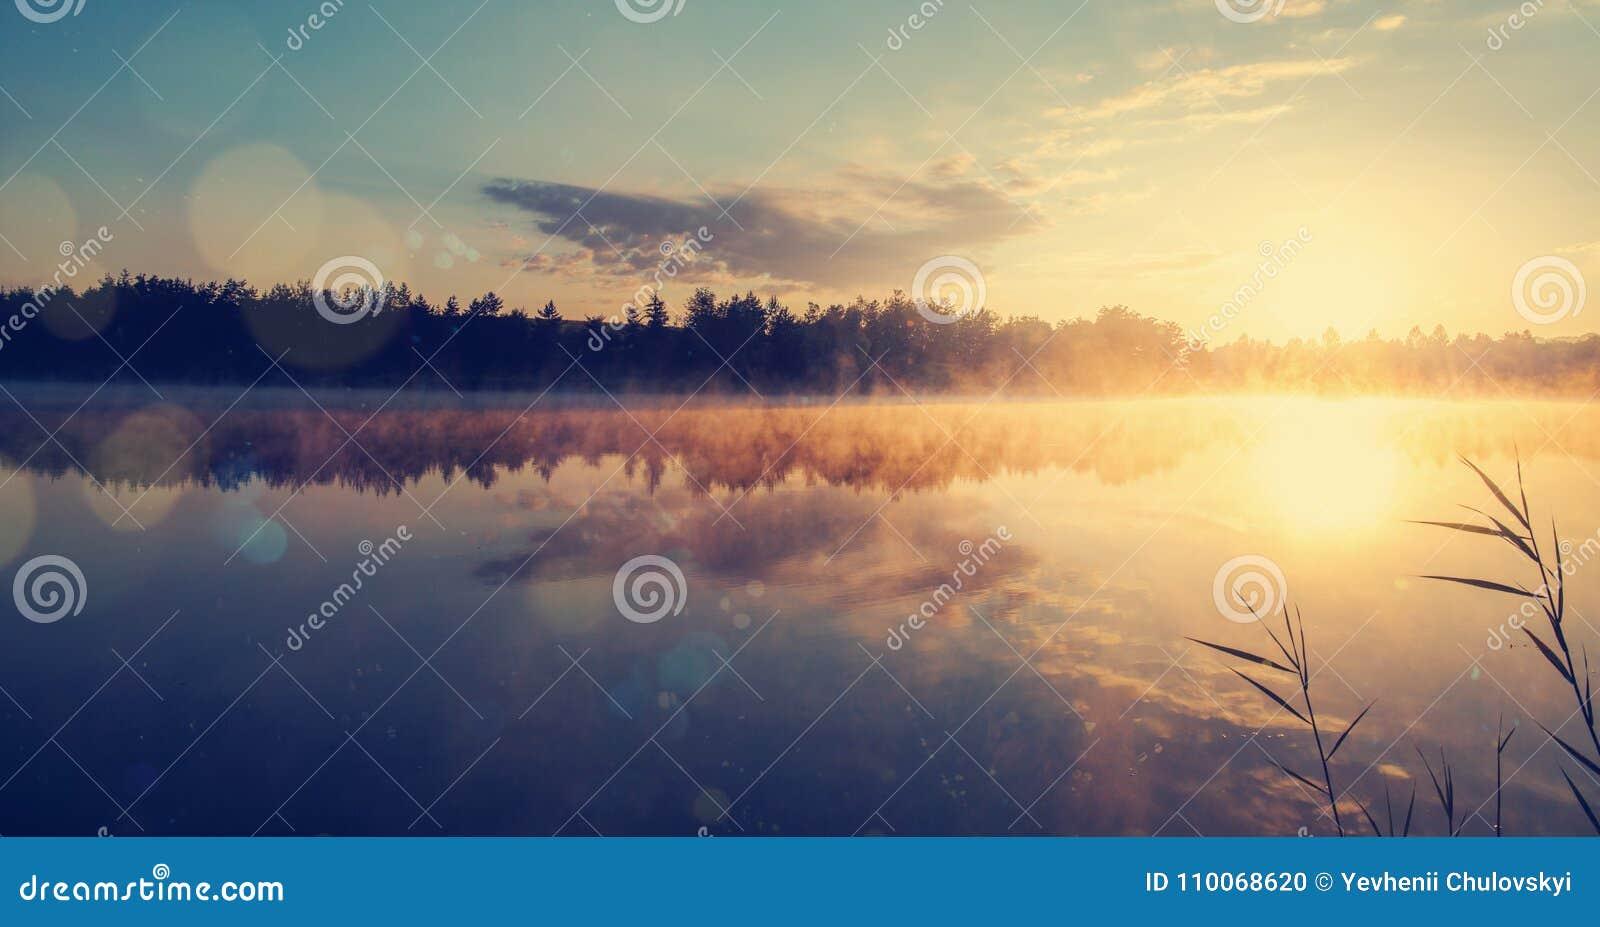 Mooi ochtendlandschap op een rivier met mist over het water